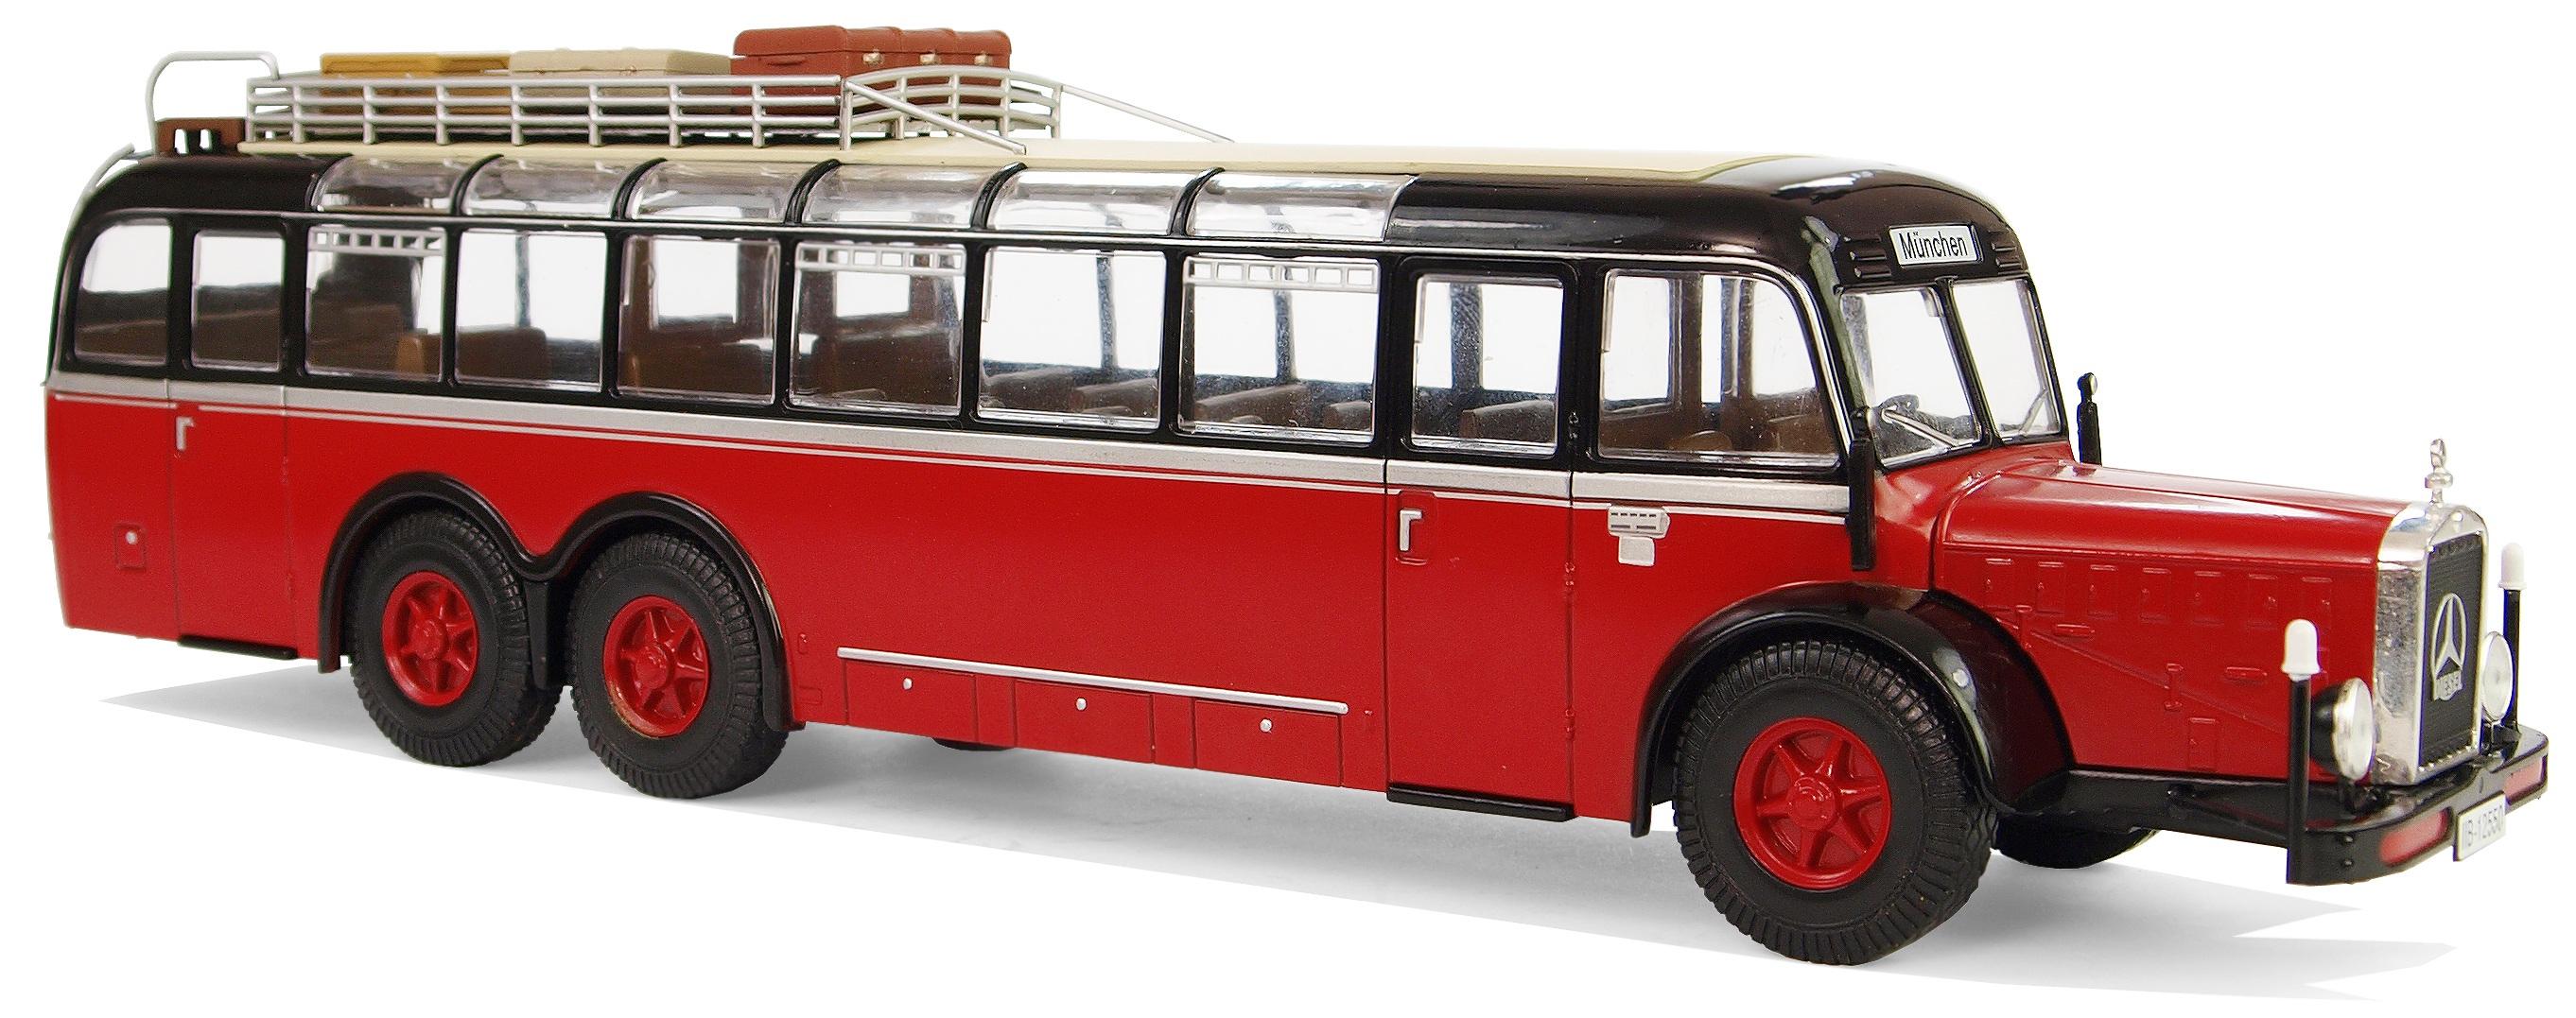 Free Images : traffic, nostalgia, vintage car, oldtimer